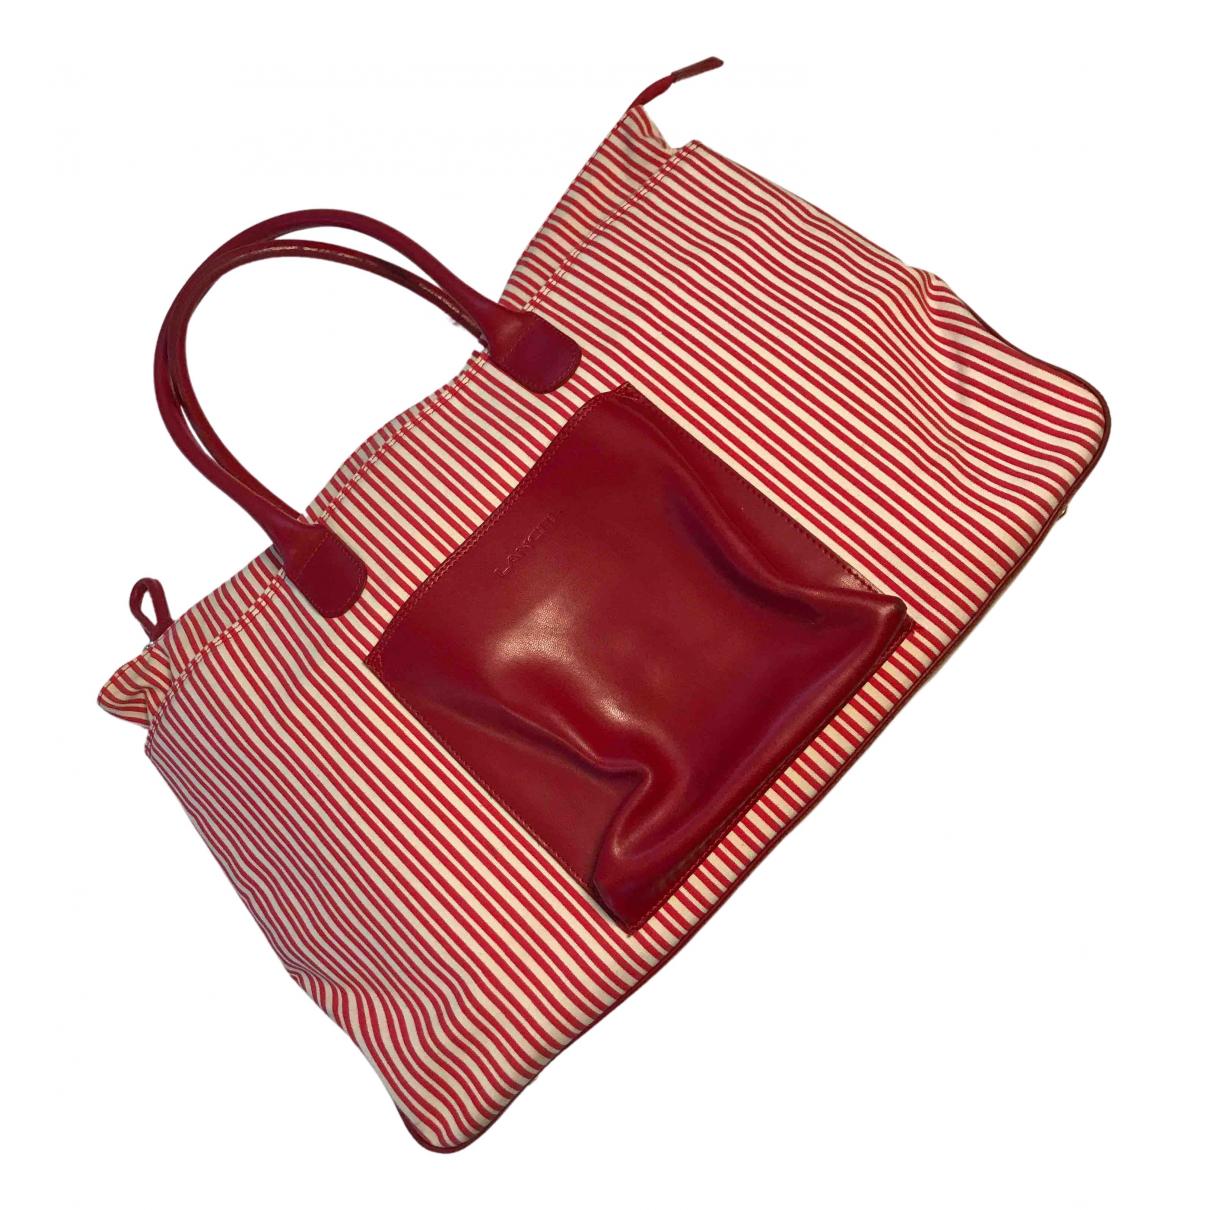 Lancel - Sac de voyage   pour femme en toile - rouge